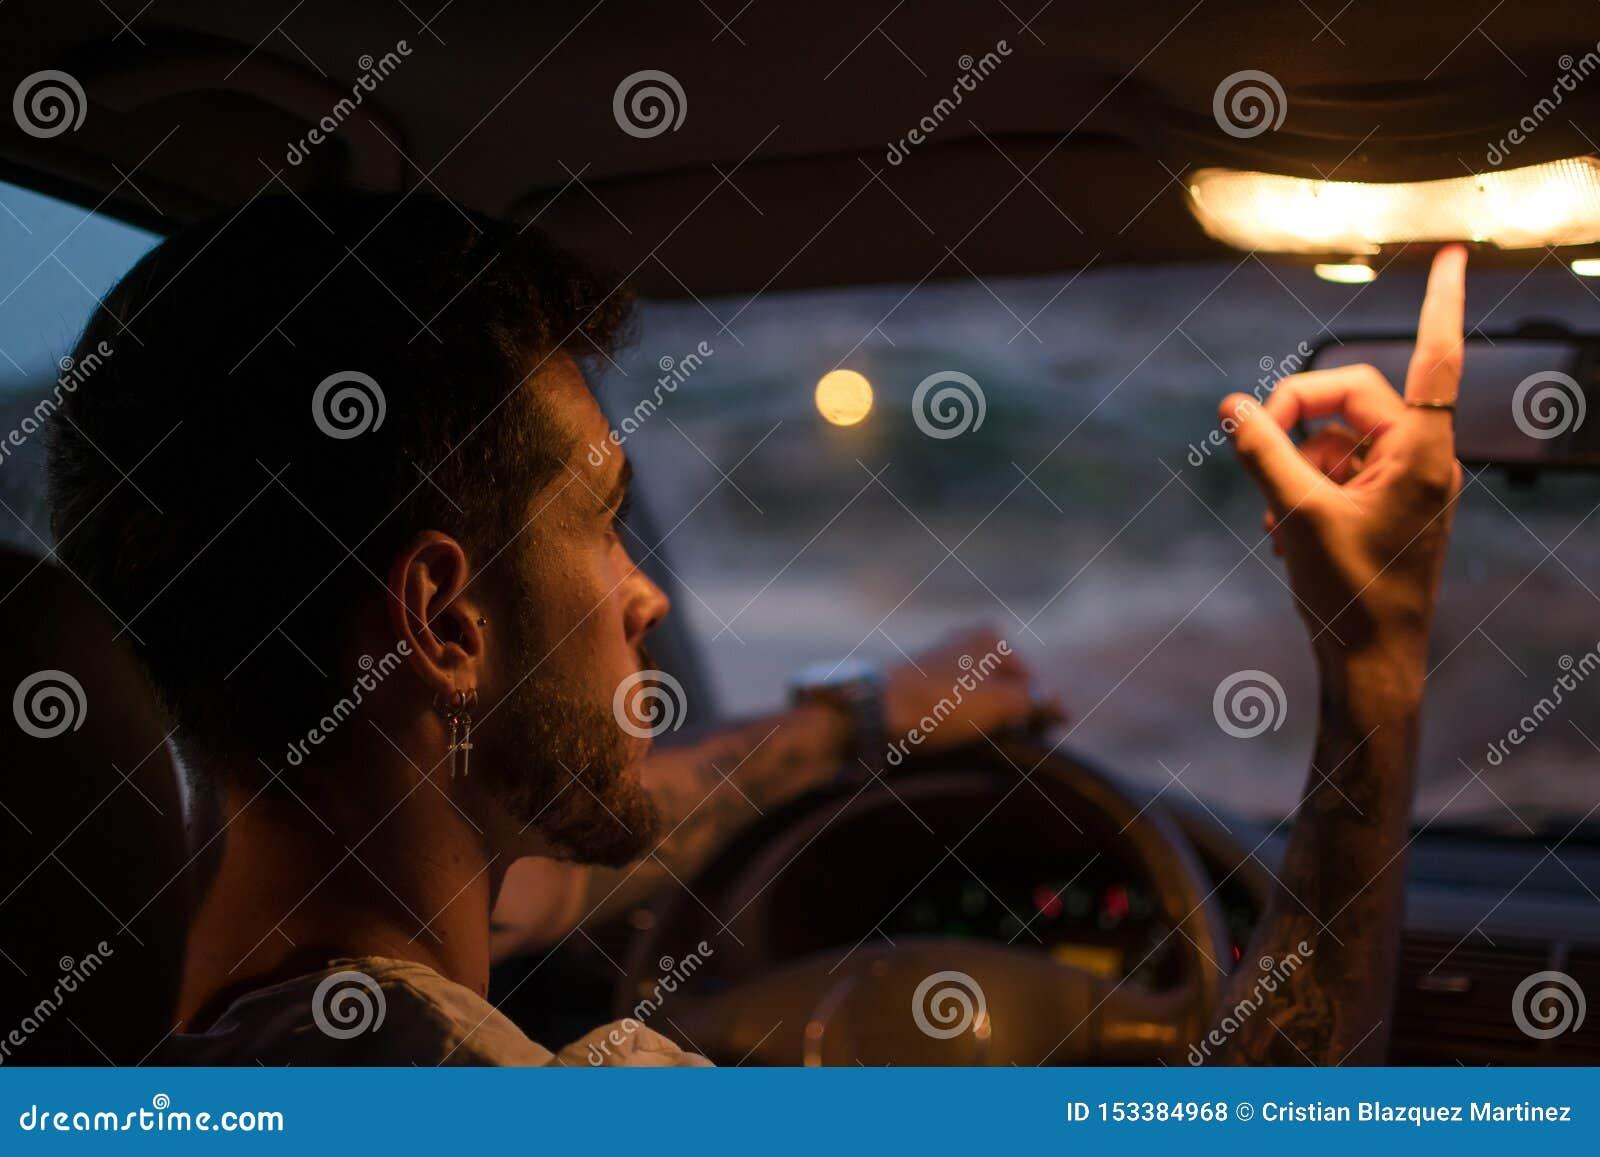 Junger Mann mit Ohrringen fährt ein Auto nachts